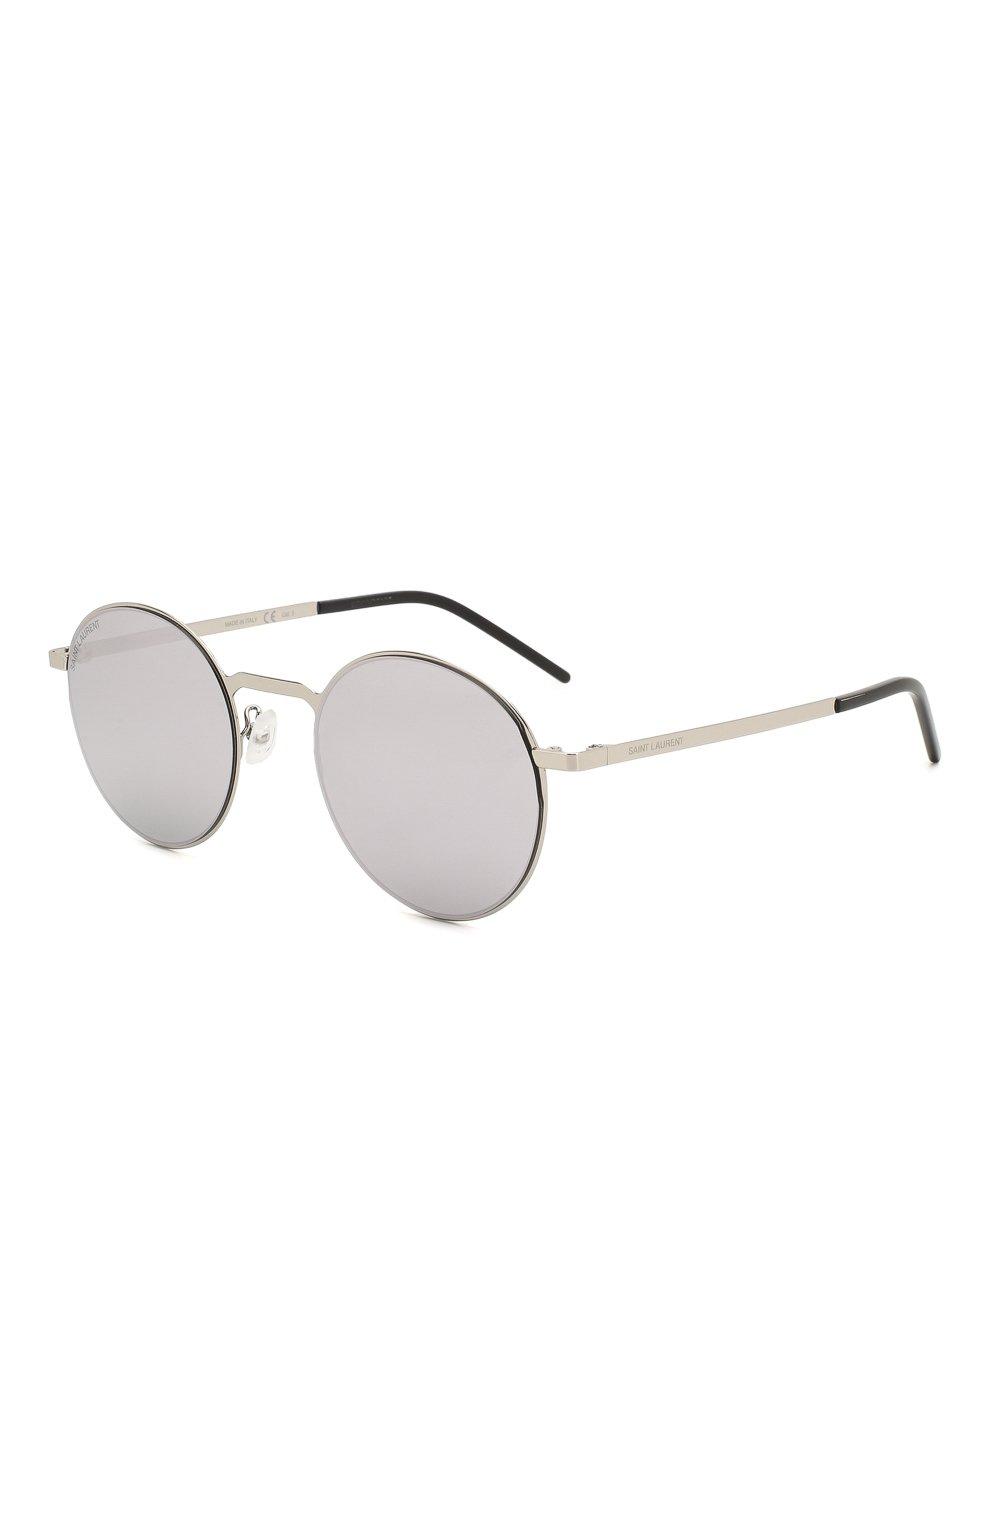 Женские солнцезащитные очки SAINT LAURENT лилового цвета, арт. SL 250 SLIM 007 51 | Фото 1